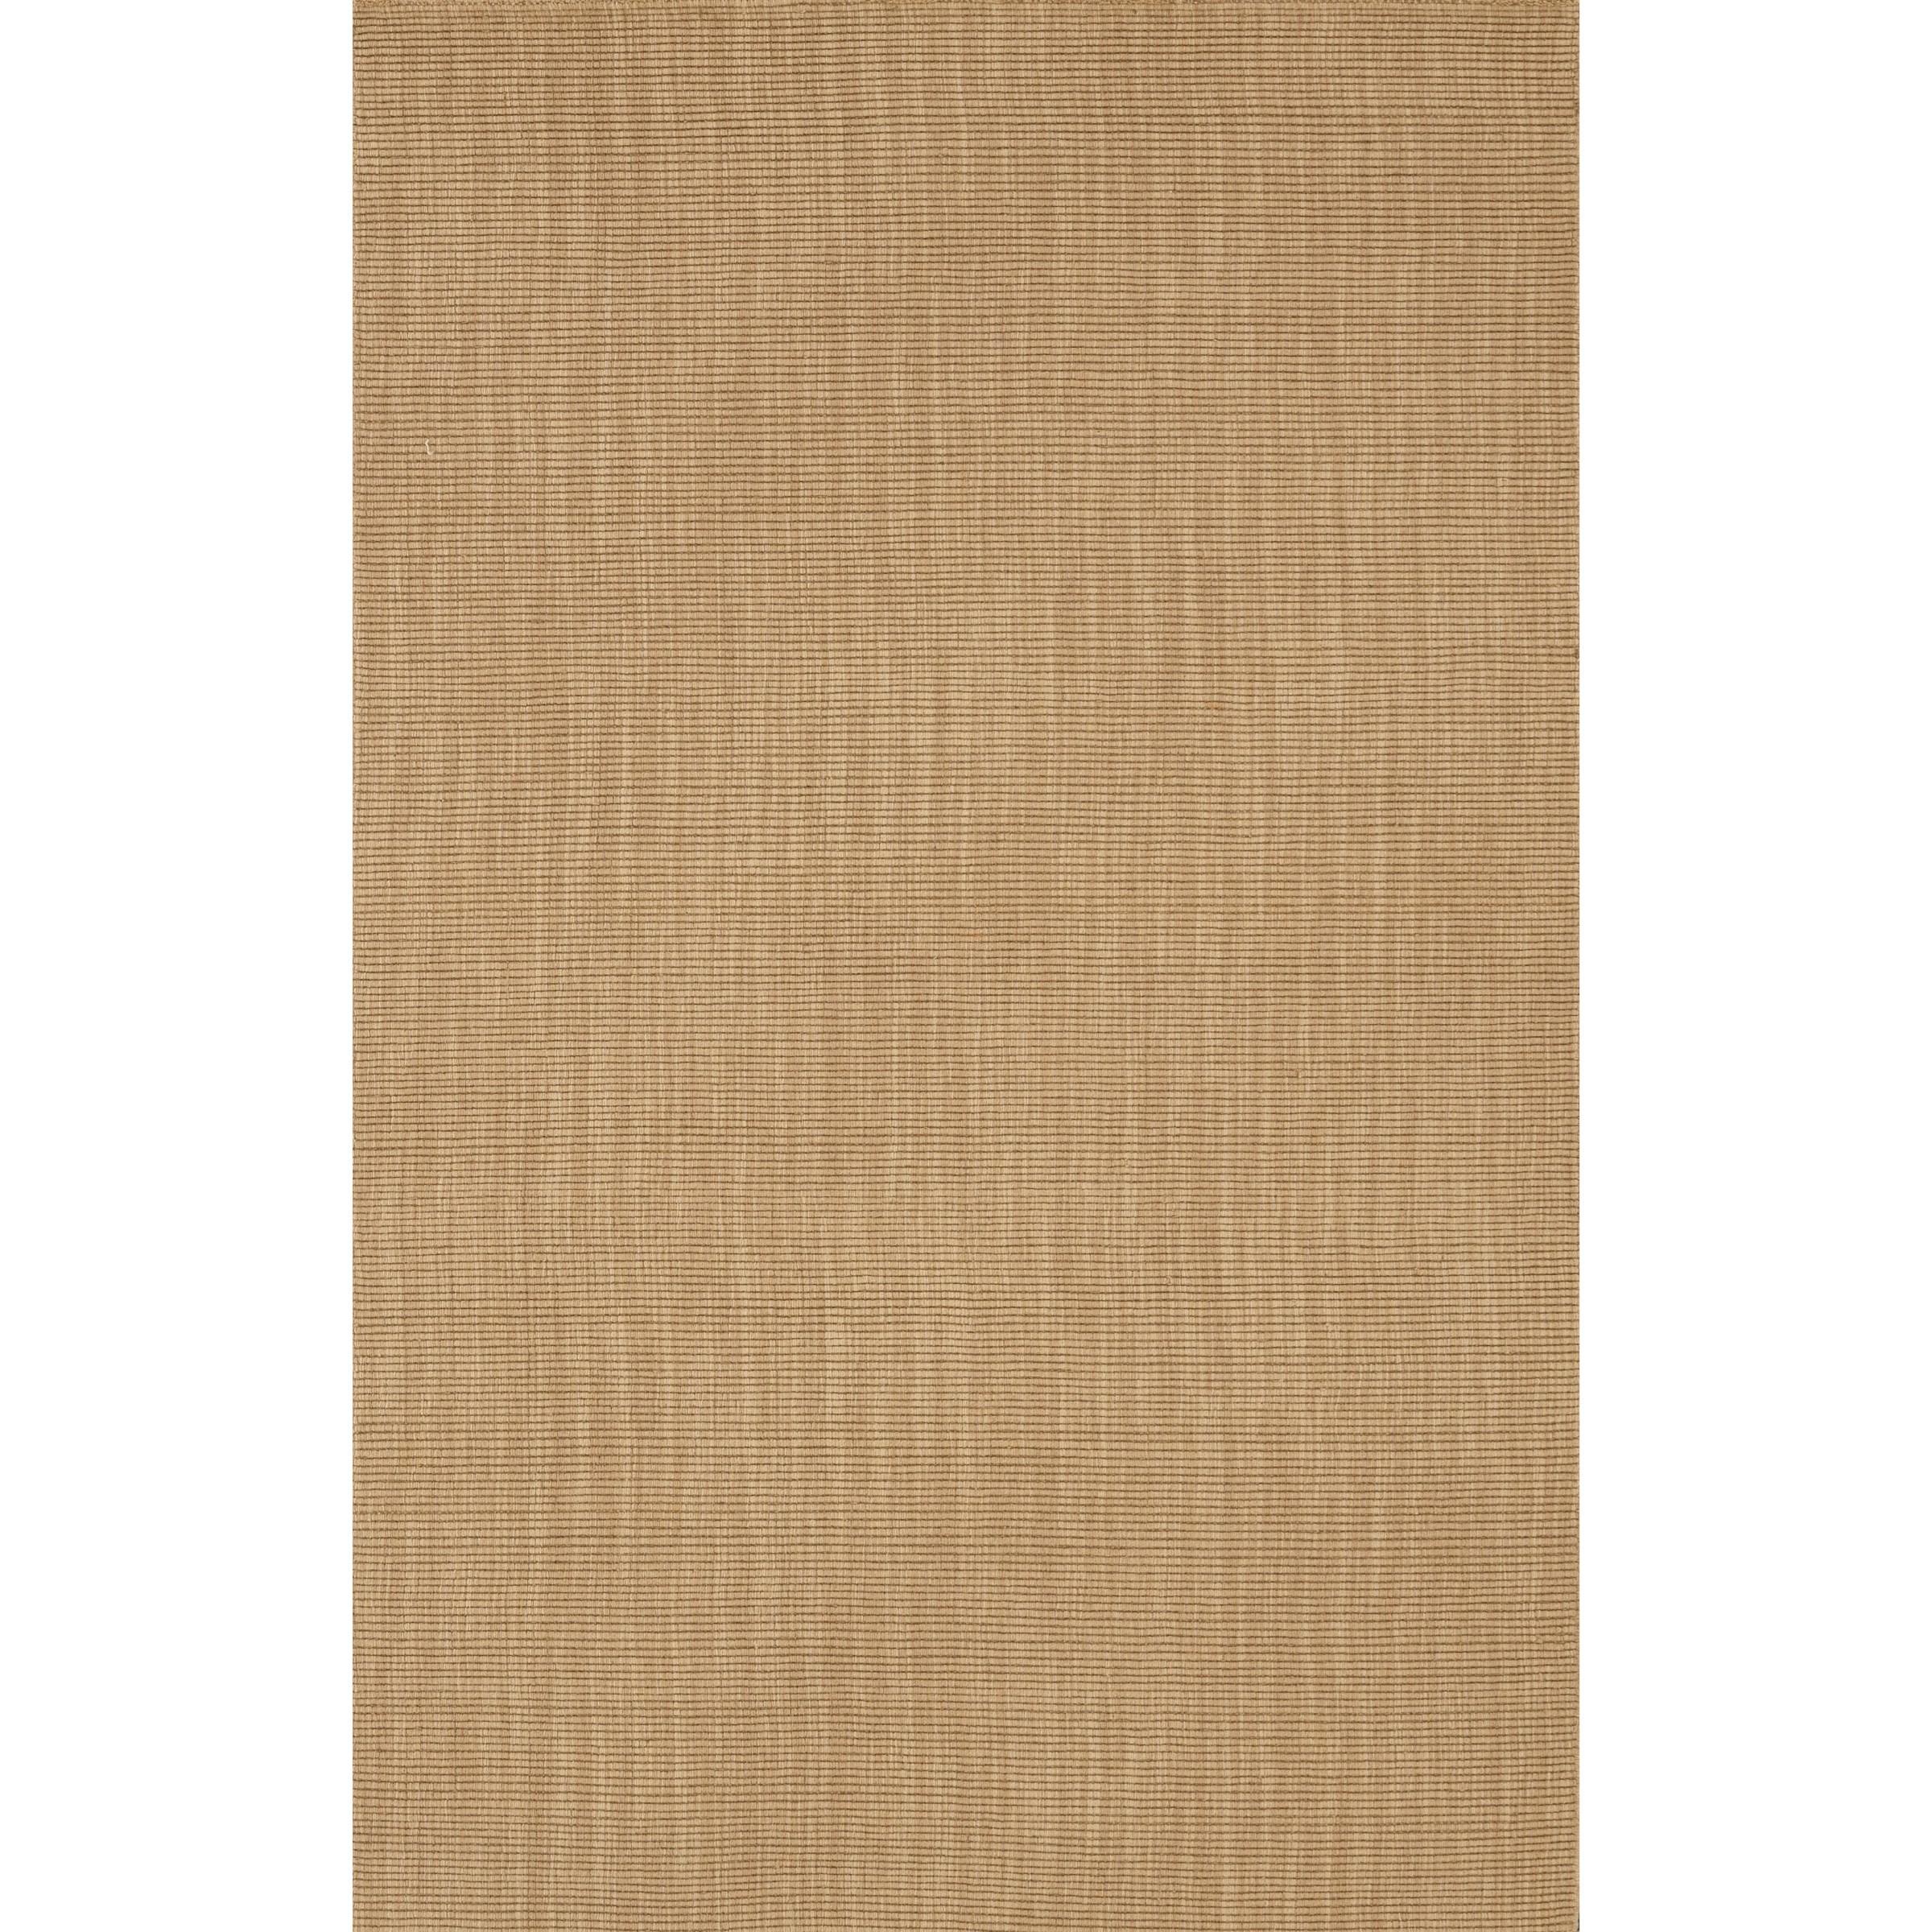 Monaco Sisal Sandstone 9X13 Rug by Dalyn at Fashion Furniture